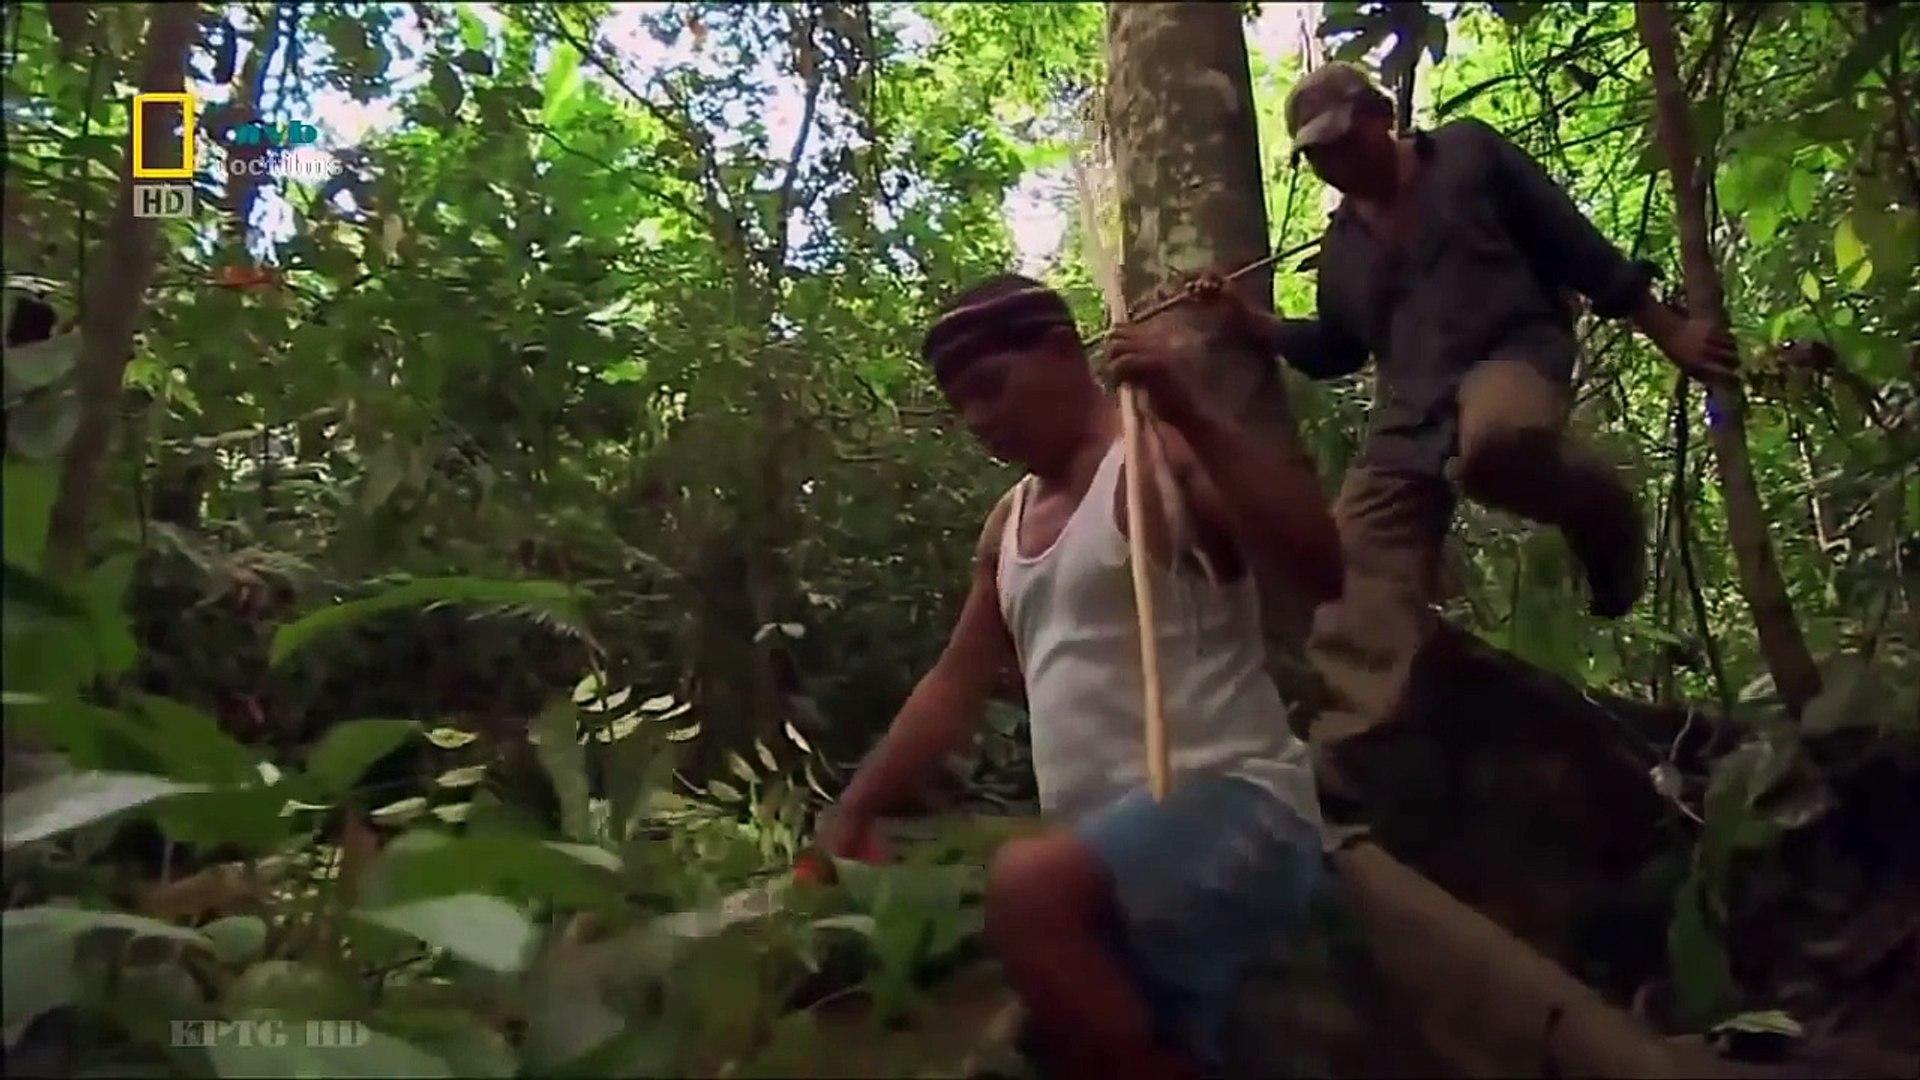 Thế giới động vật | Động vật hoang dã Amazon - thuyết minh